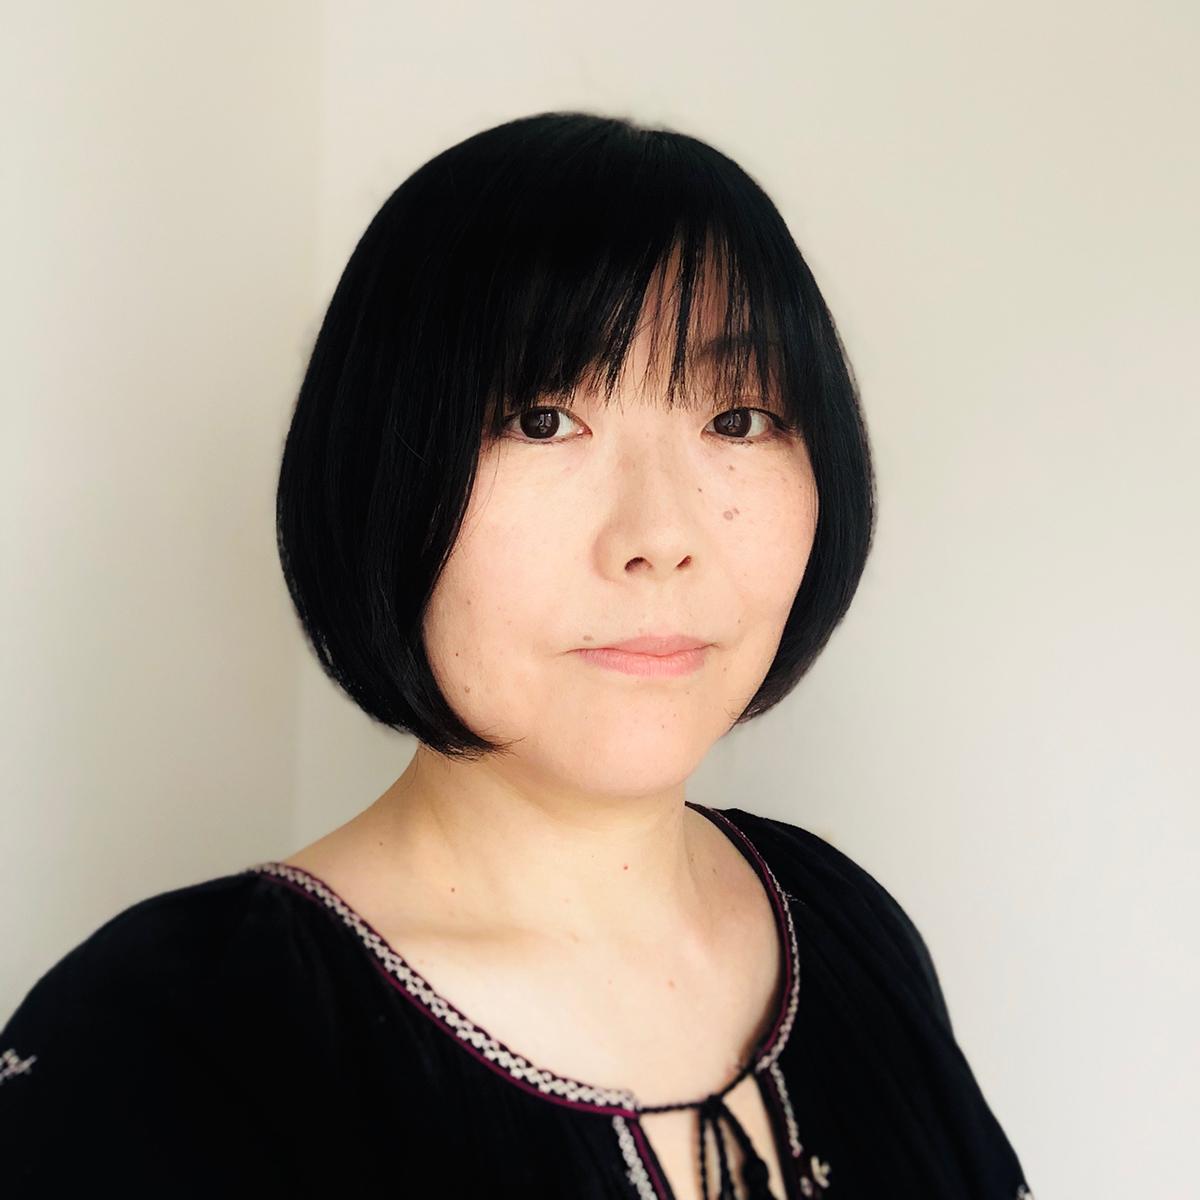 審査員の国井美果さん(フリーランス)によるアドタイコラム公開中